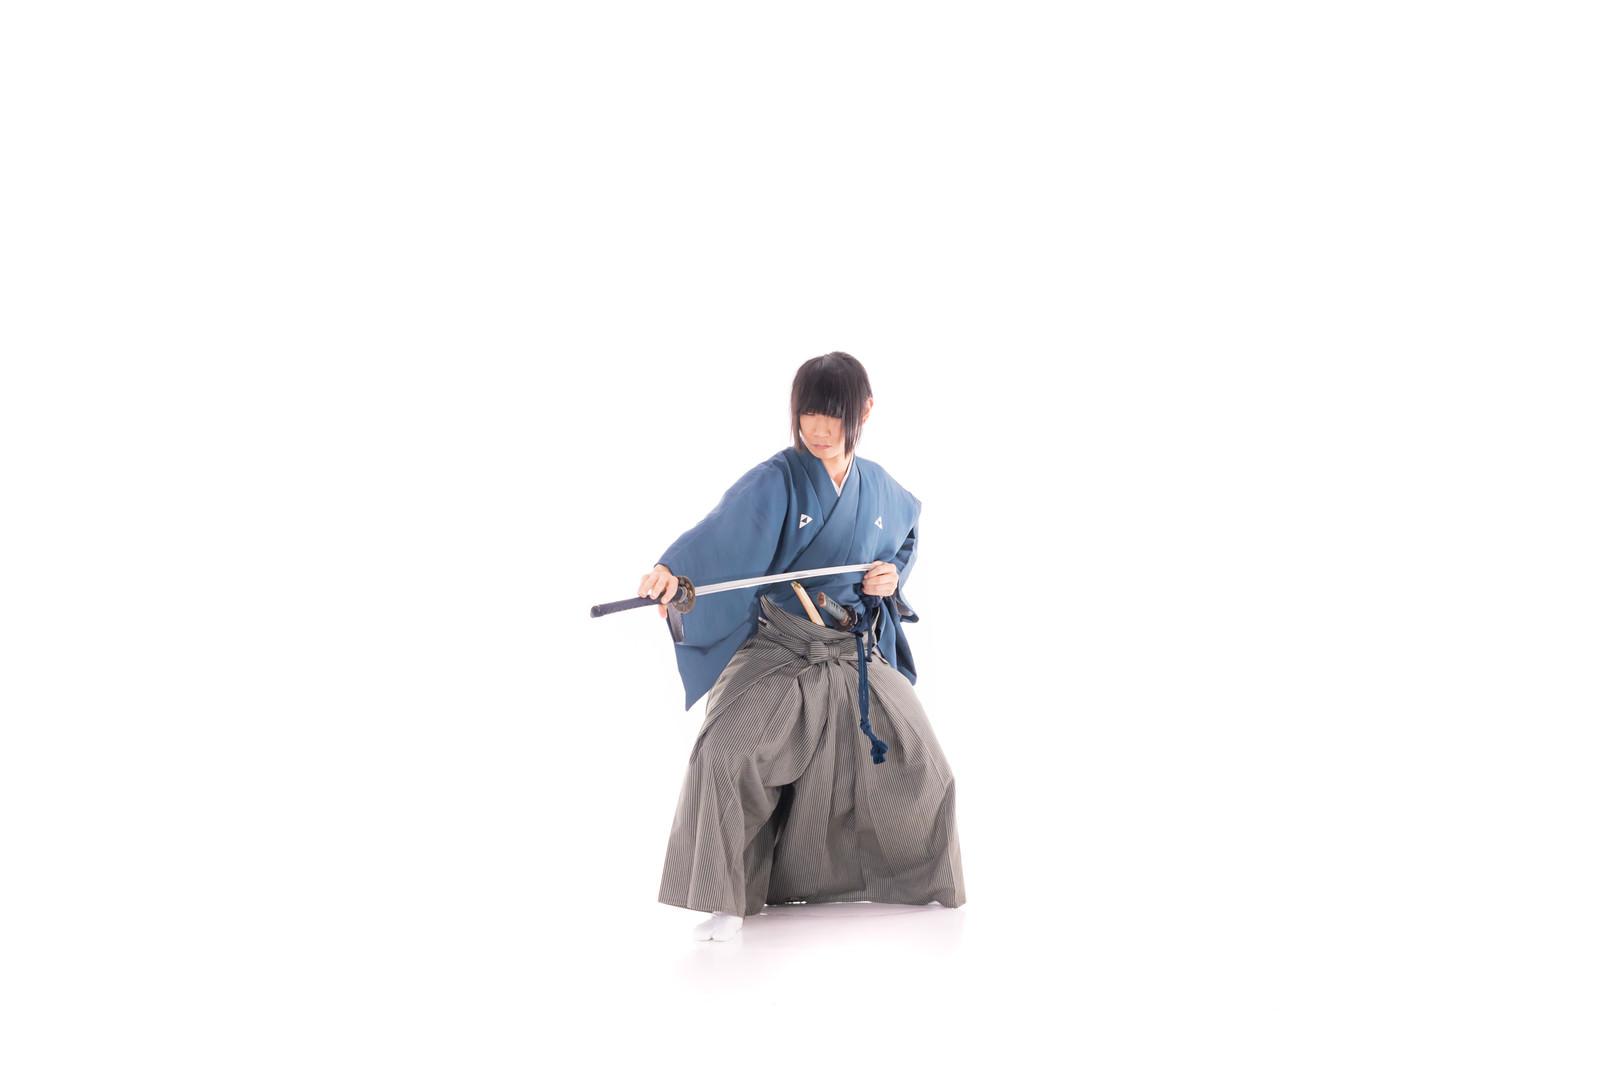 「横納刀」の写真[モデル:まーこ]